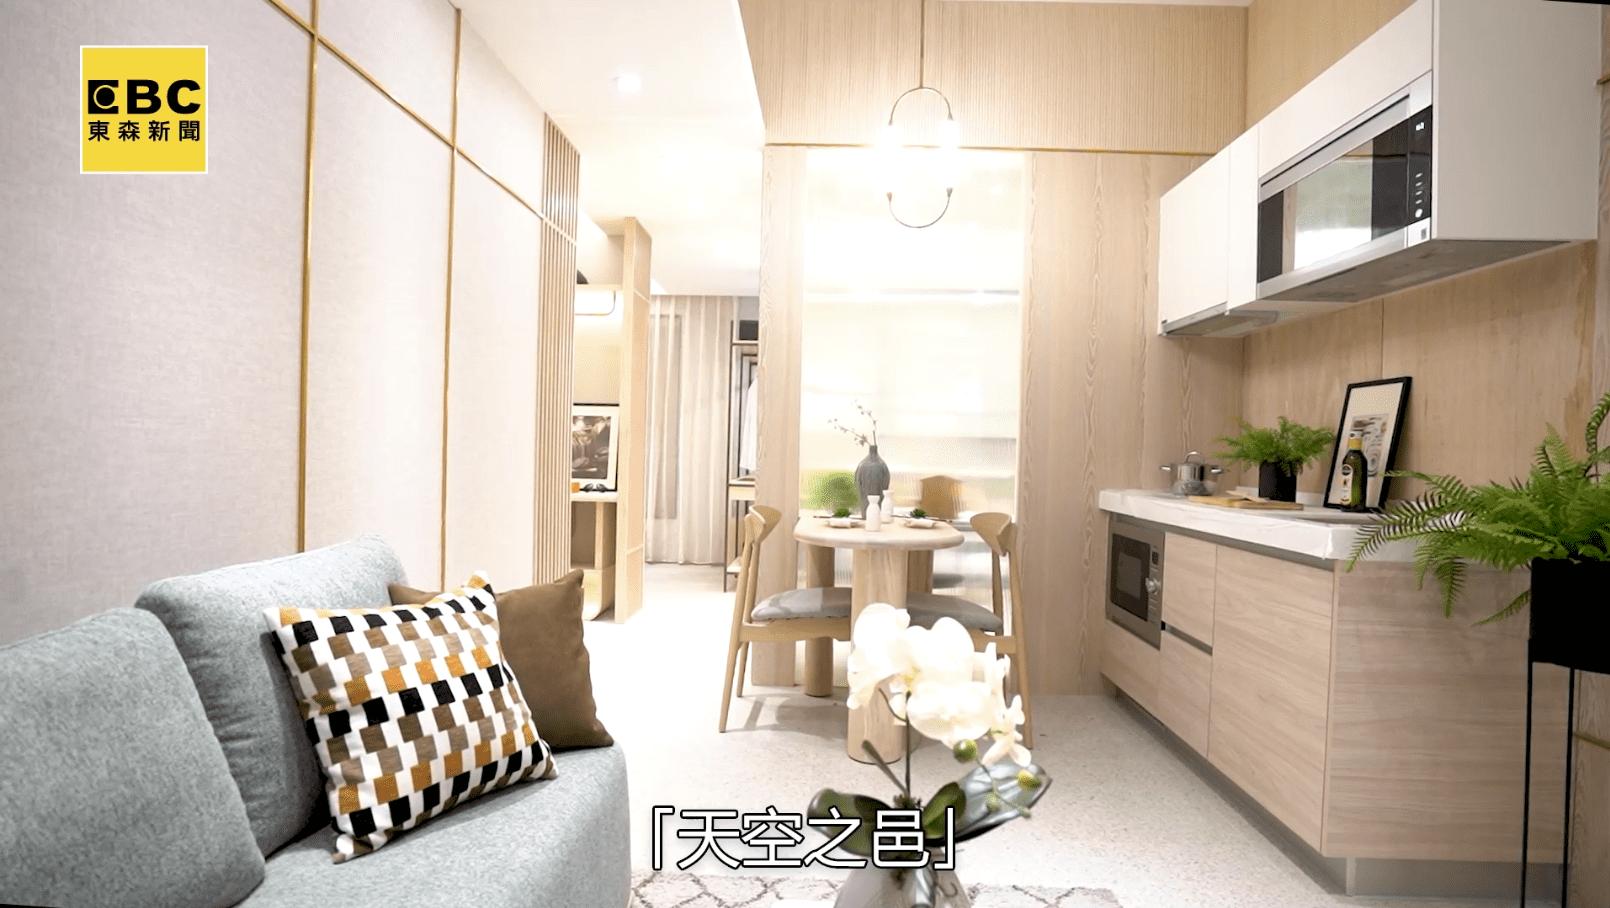 「天空之邑」2+1房開價688萬起,套房價可買兩房